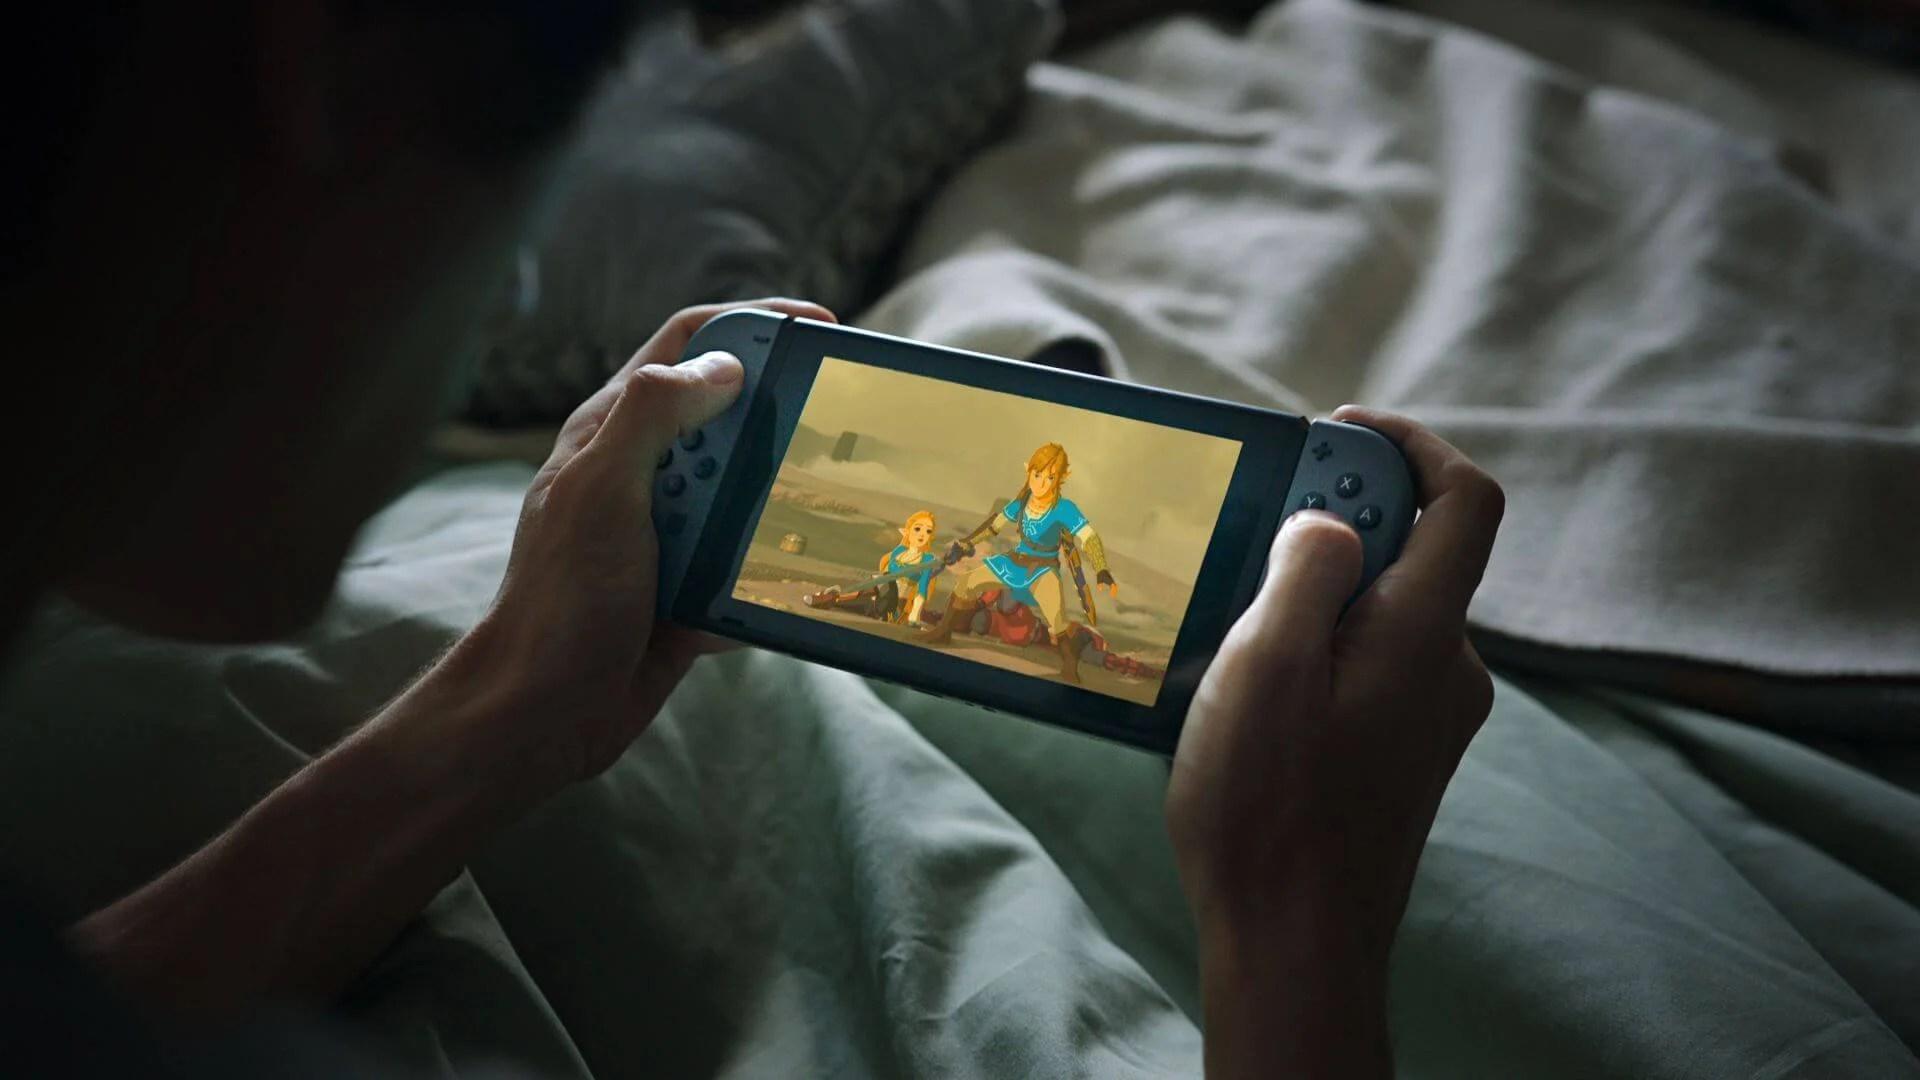 LZBOTW TVC 2.0 - Especificações técnicas do Nintendo Switch foram reveladas!